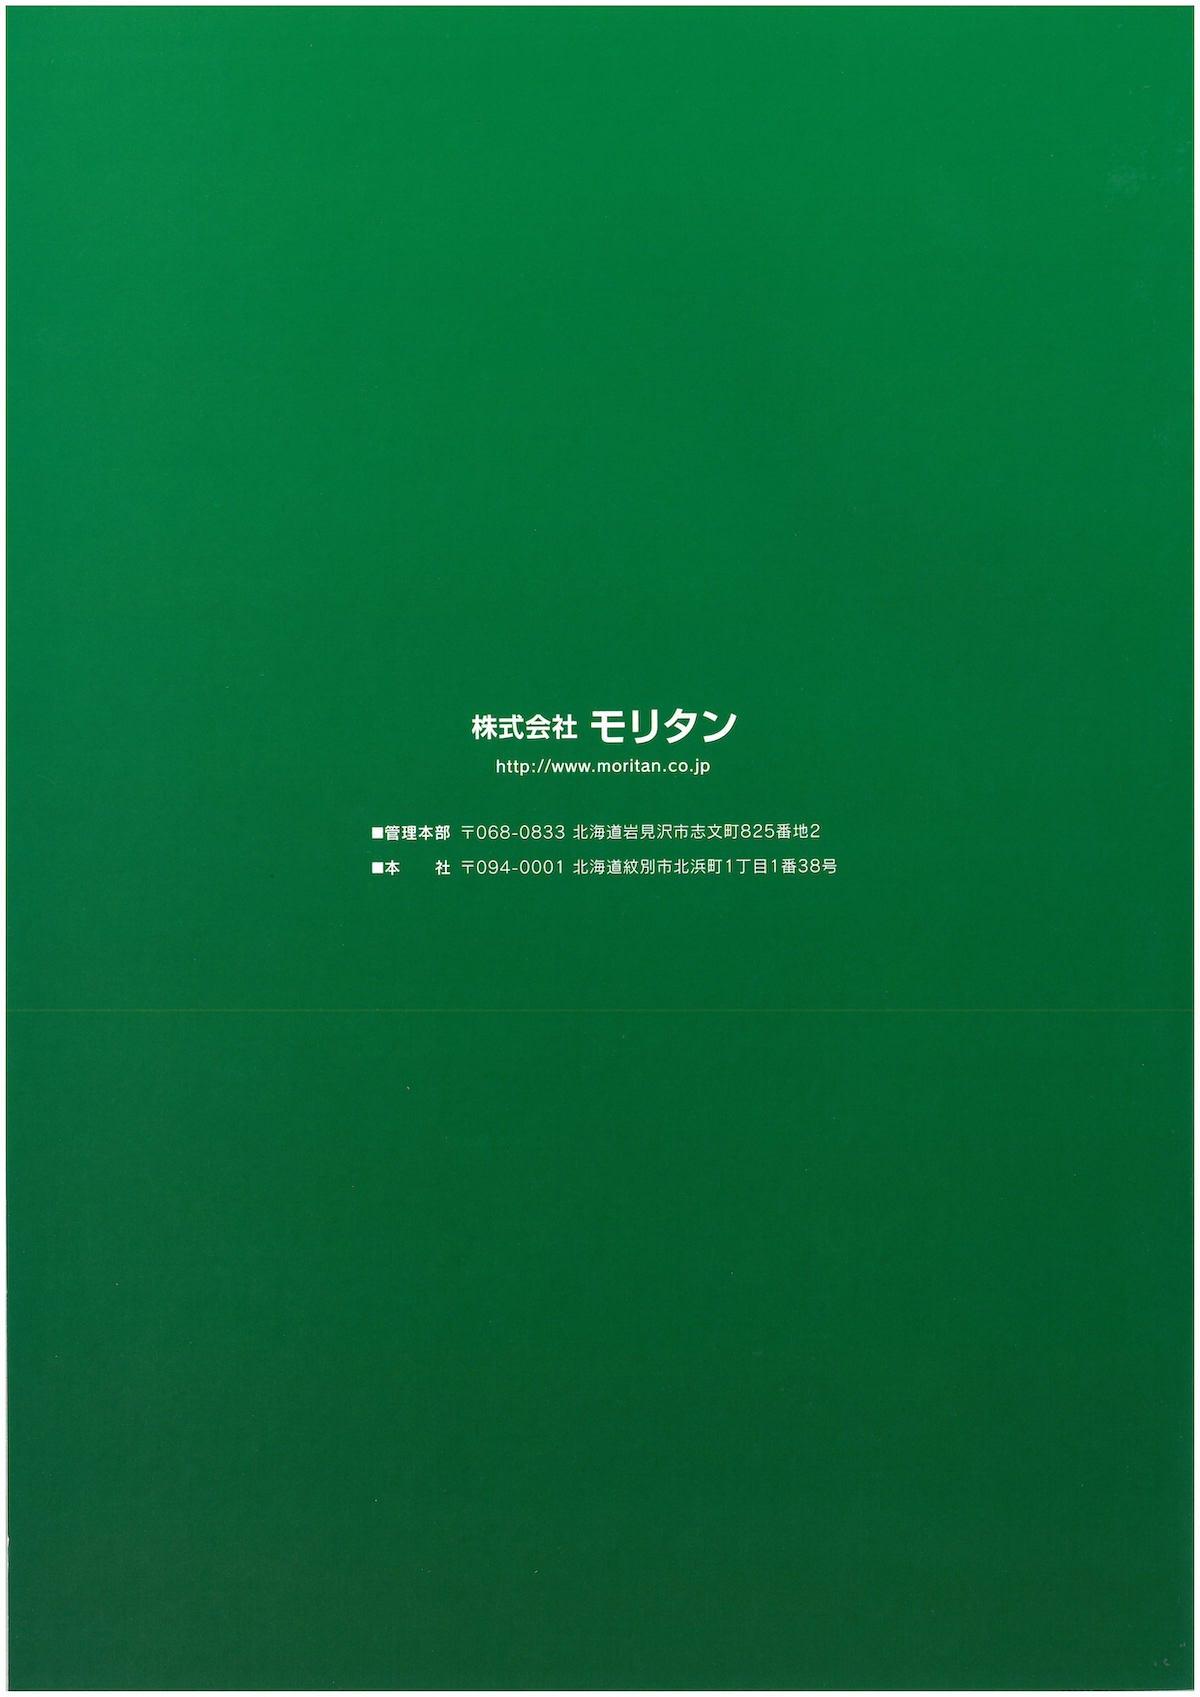 モリタン 2018商品カタログ